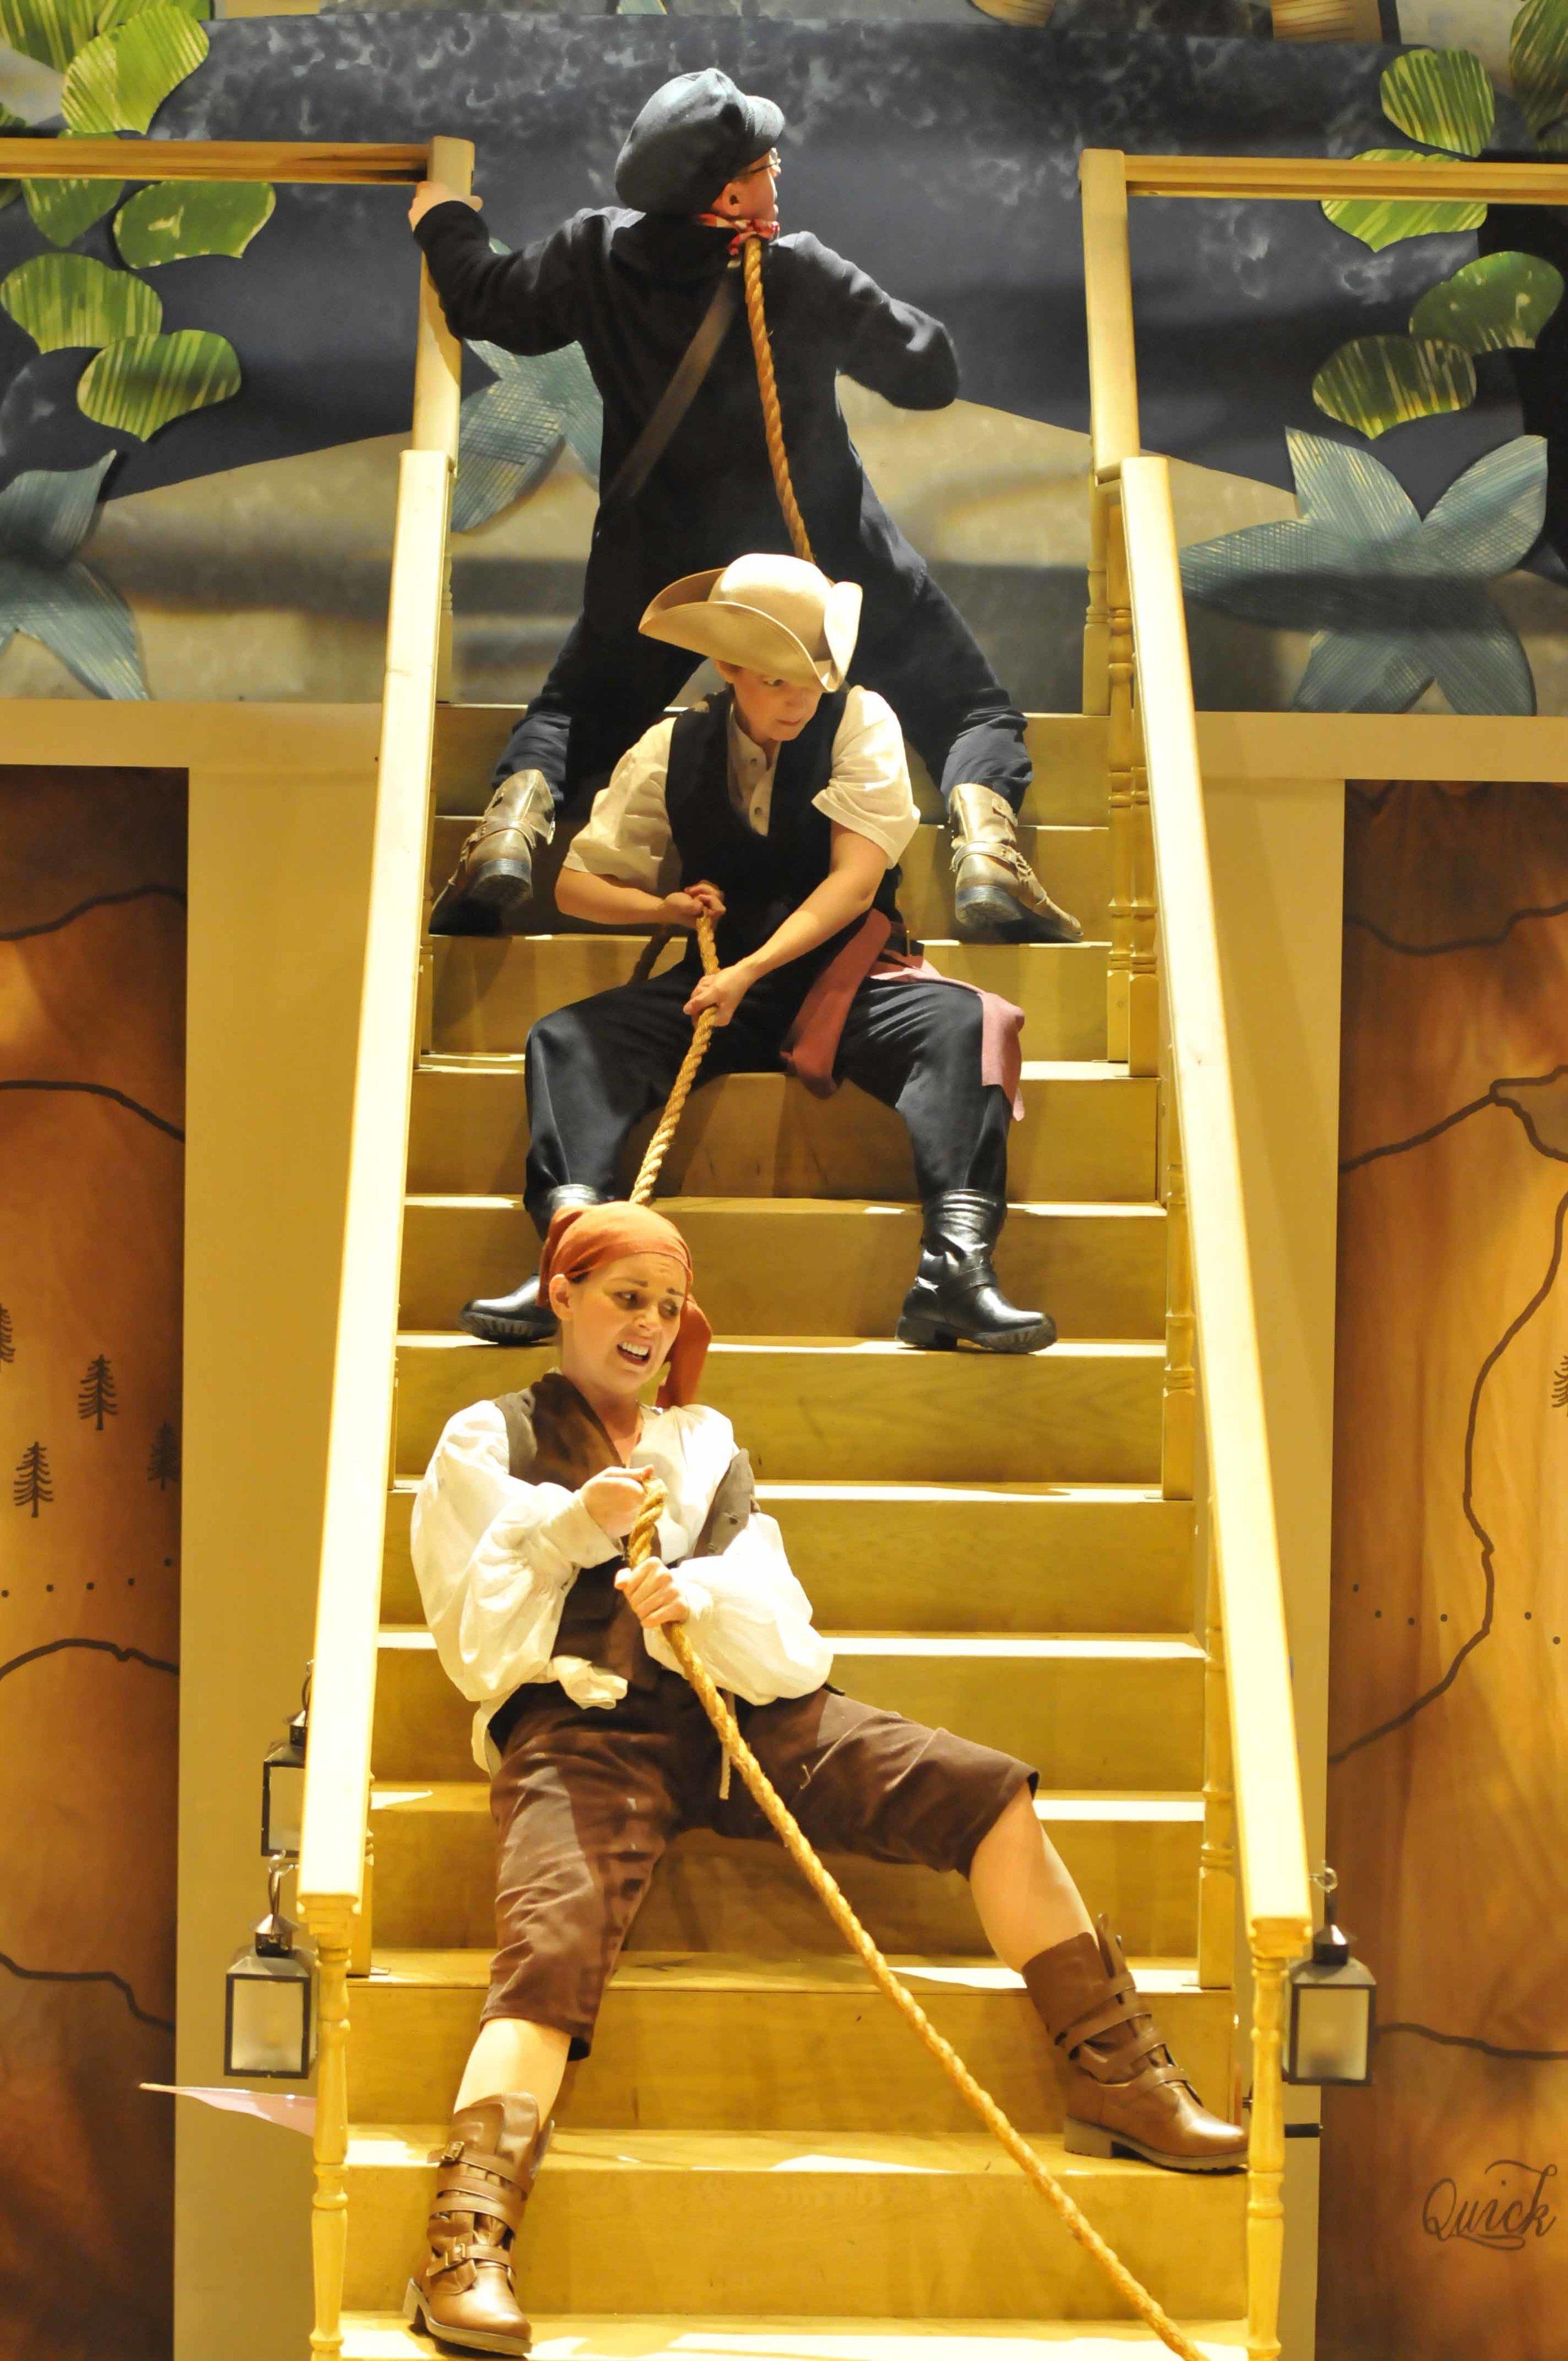 Peter Pan - pirates on stairs.jpg